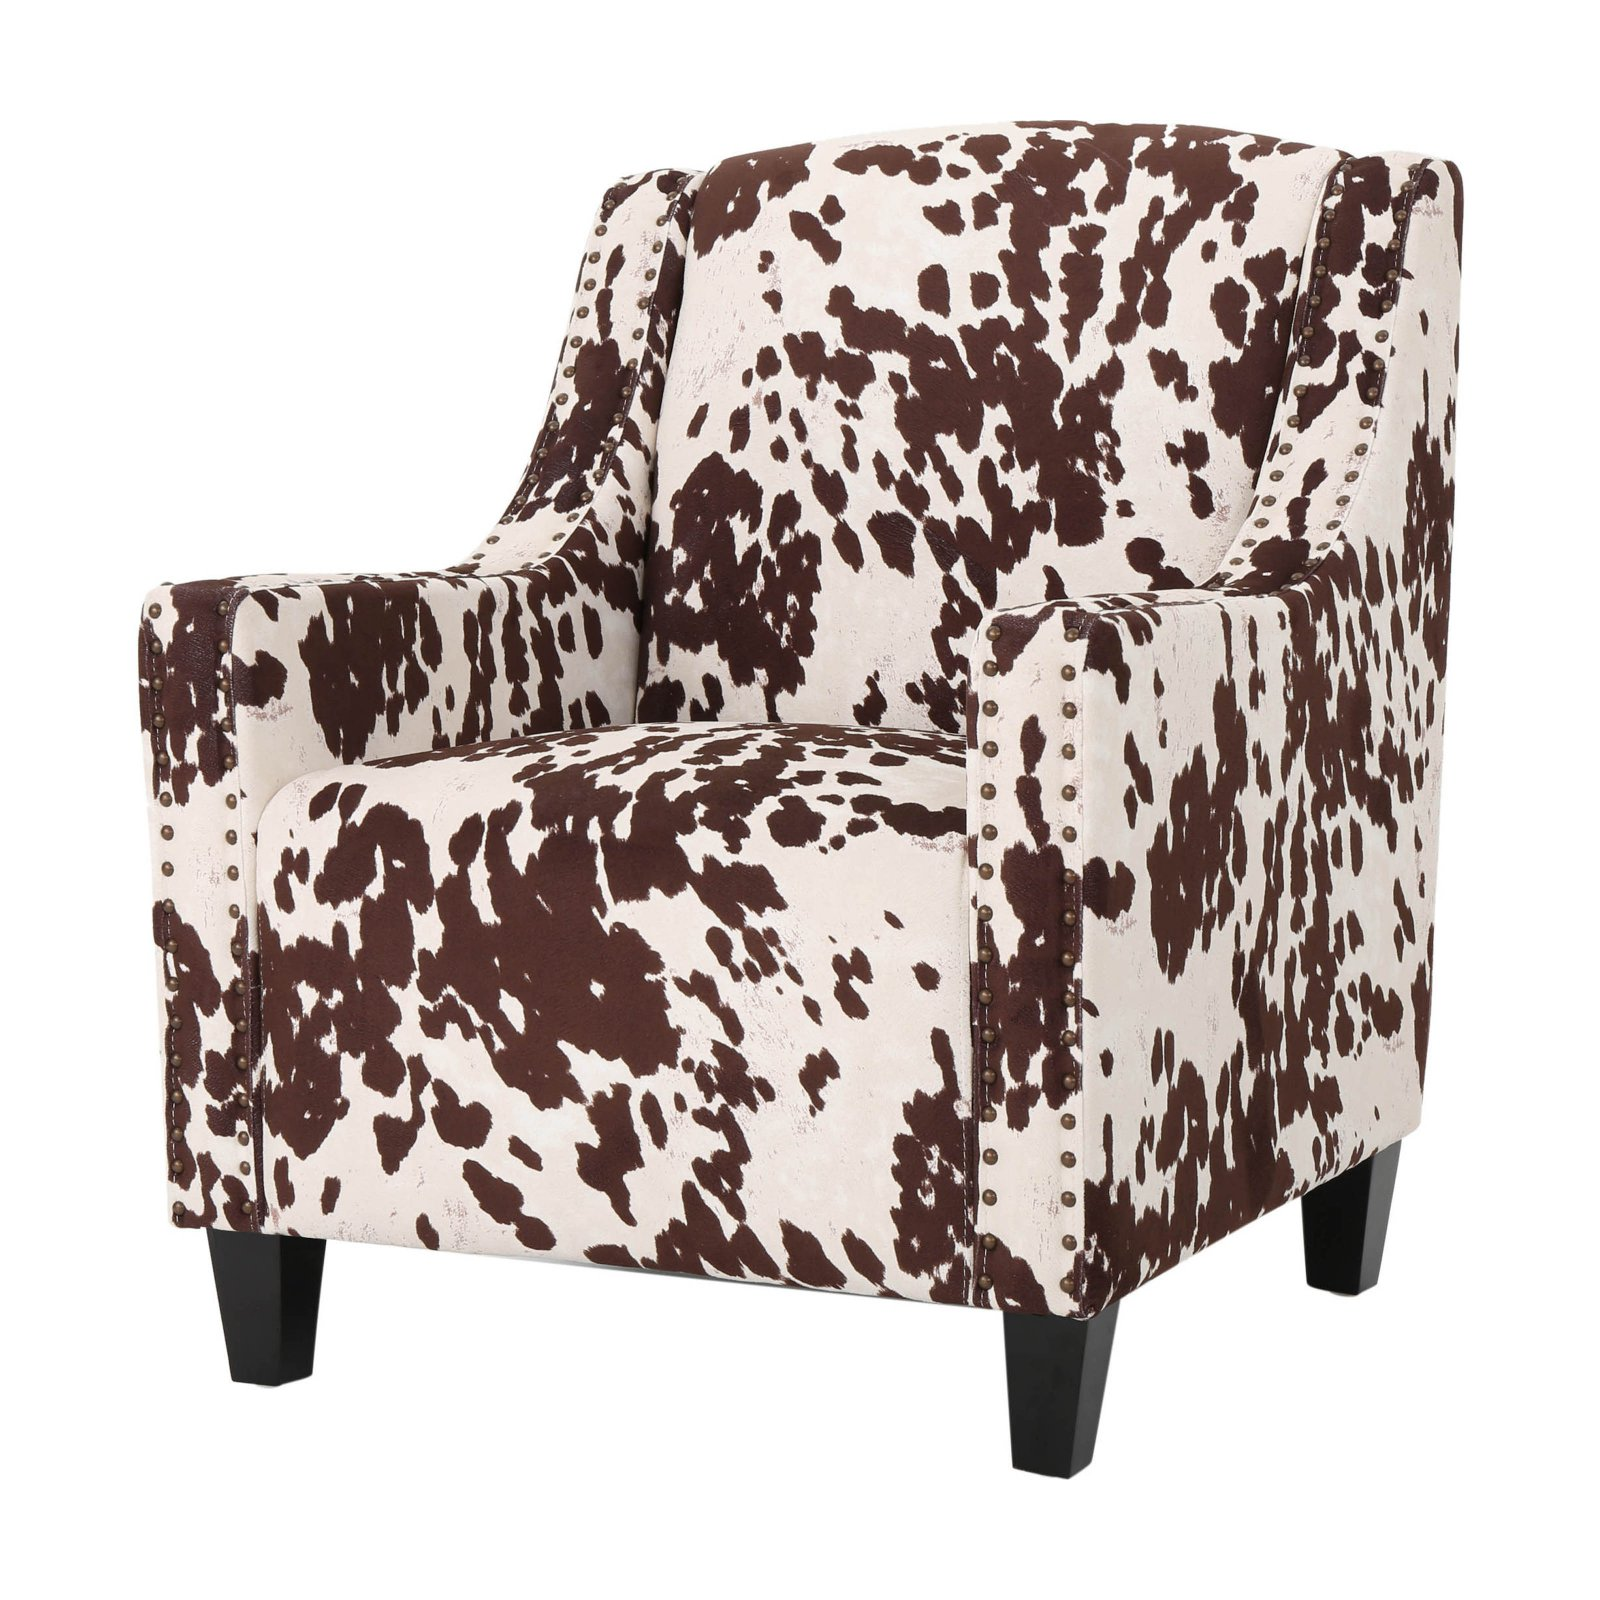 Elysabeth Studded Milk Cow Club Chair